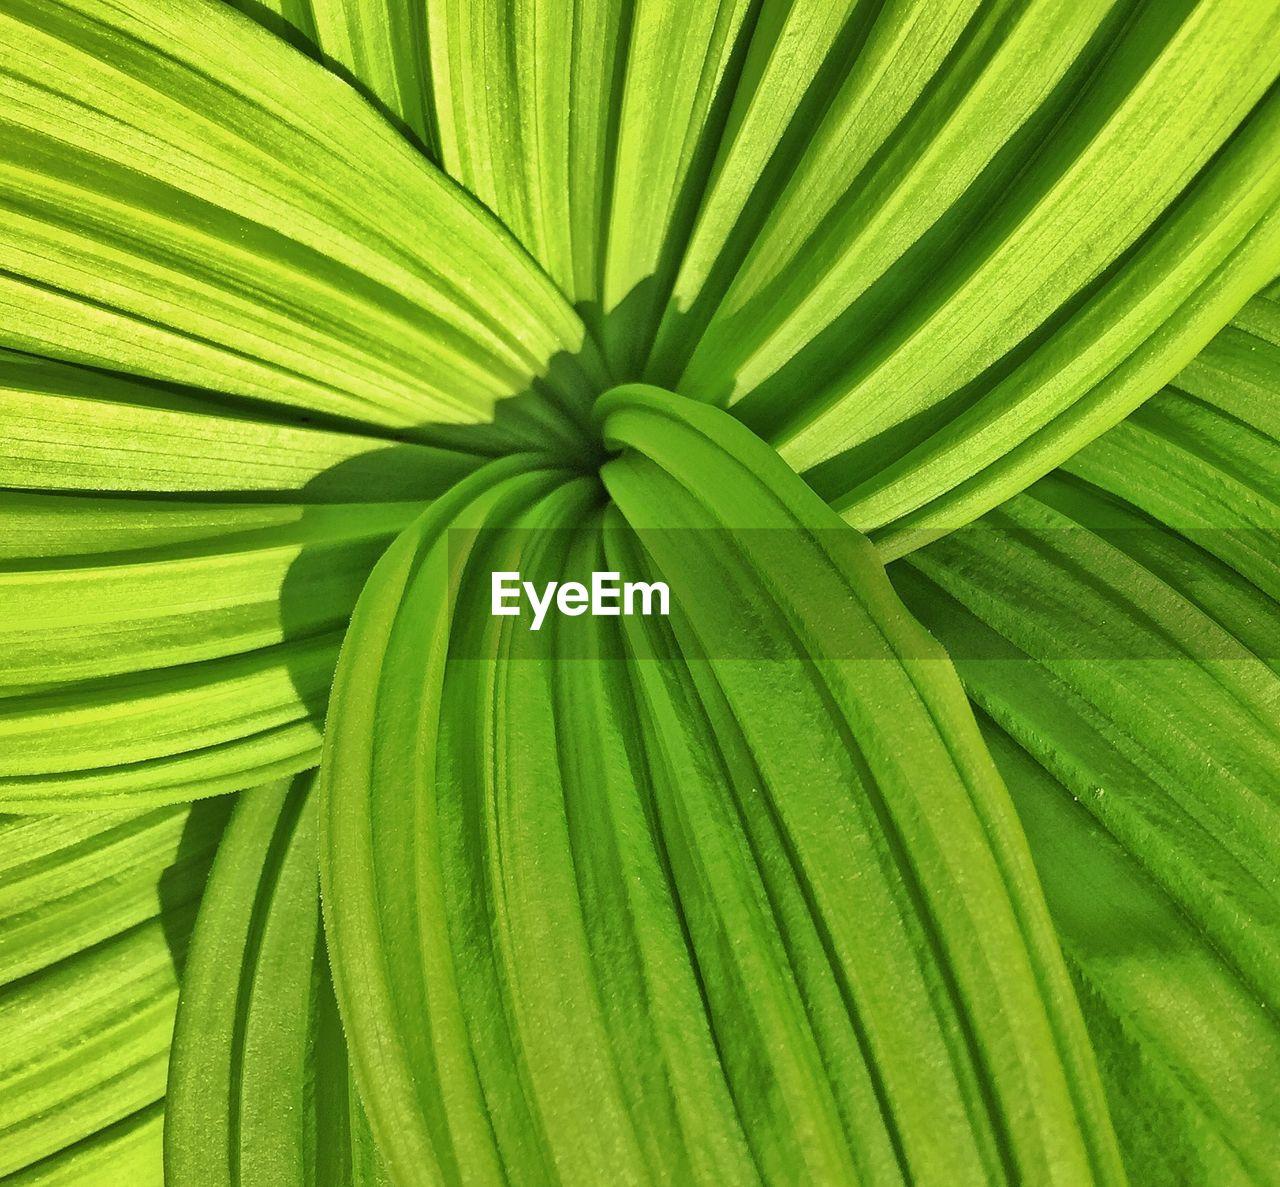 Full frame of green leaf